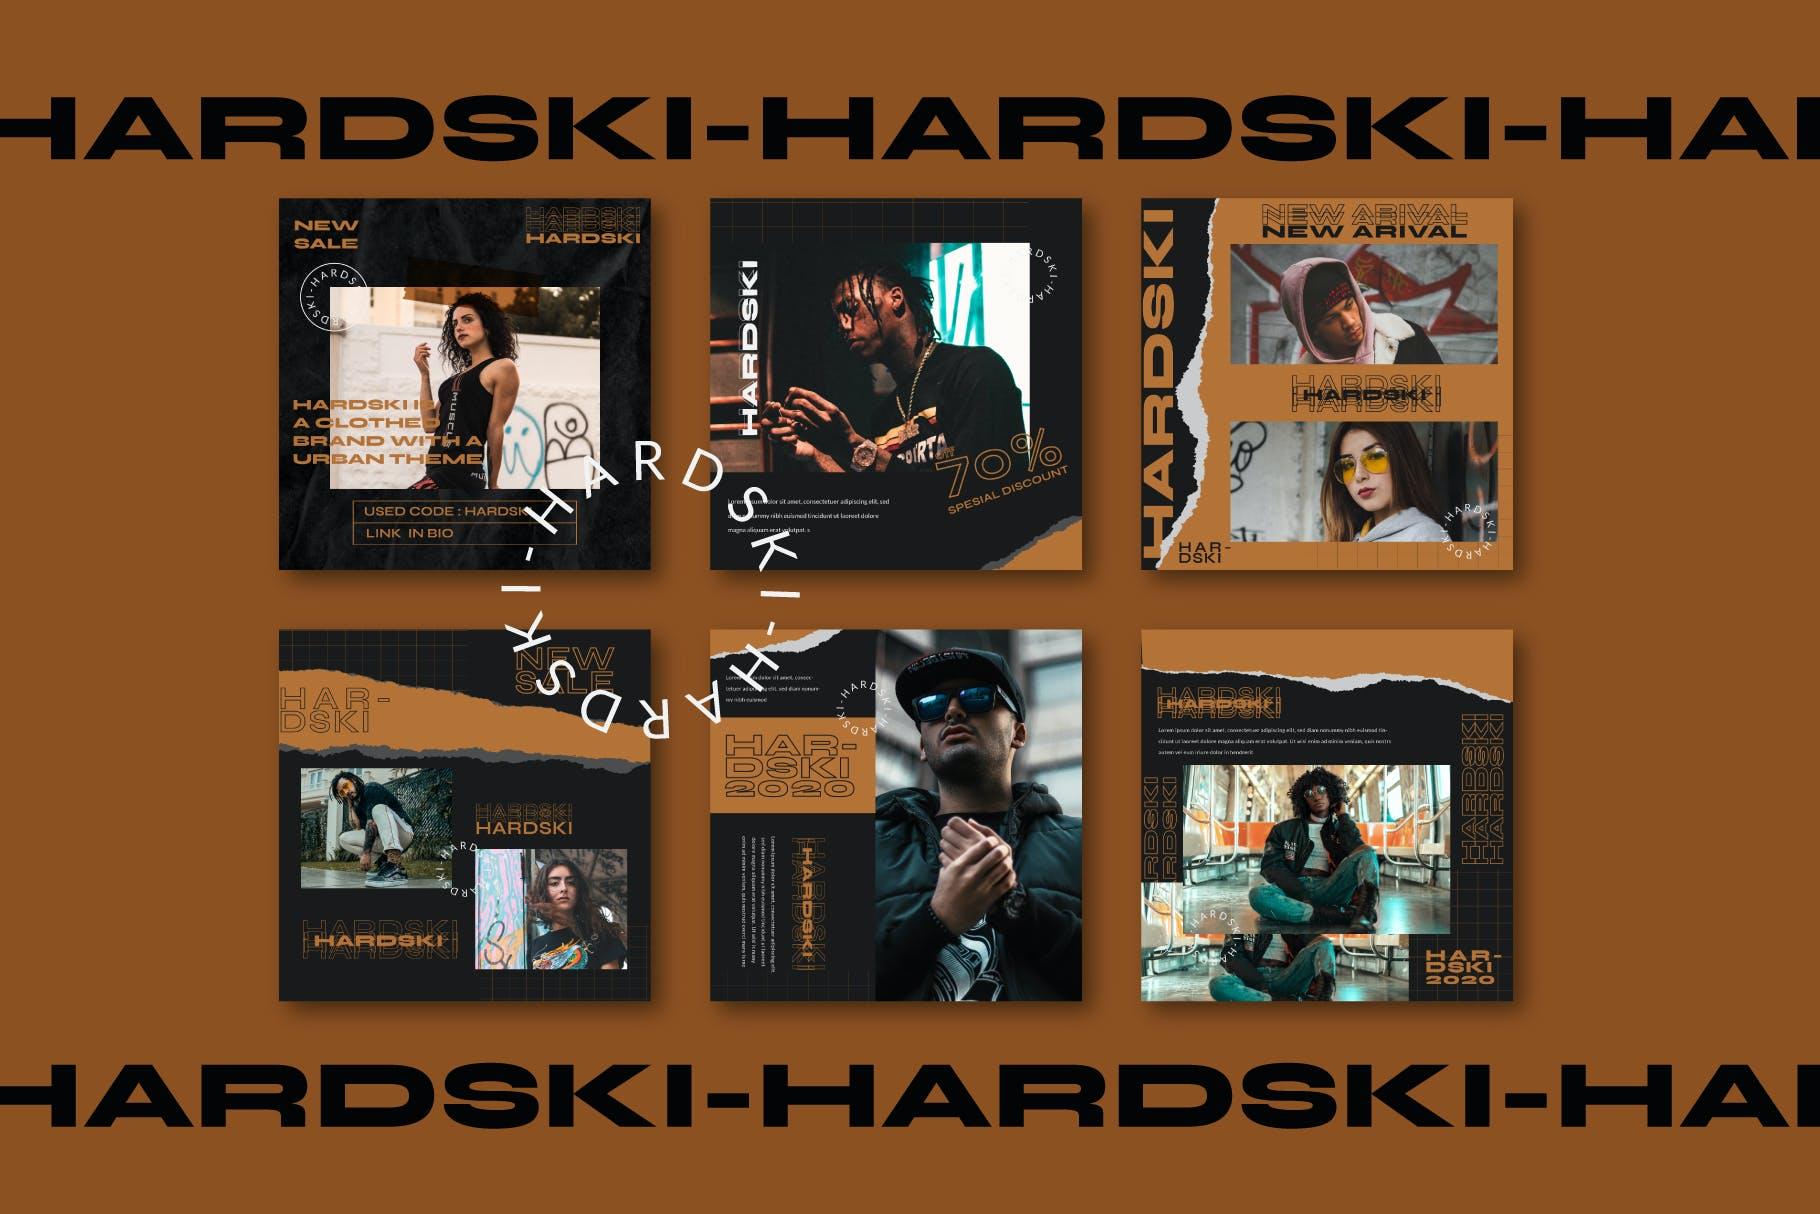 潮流街头潮牌服装推广新媒体电商海报设计PSD模板 Hardski – Instagram Post And Stories插图(2)